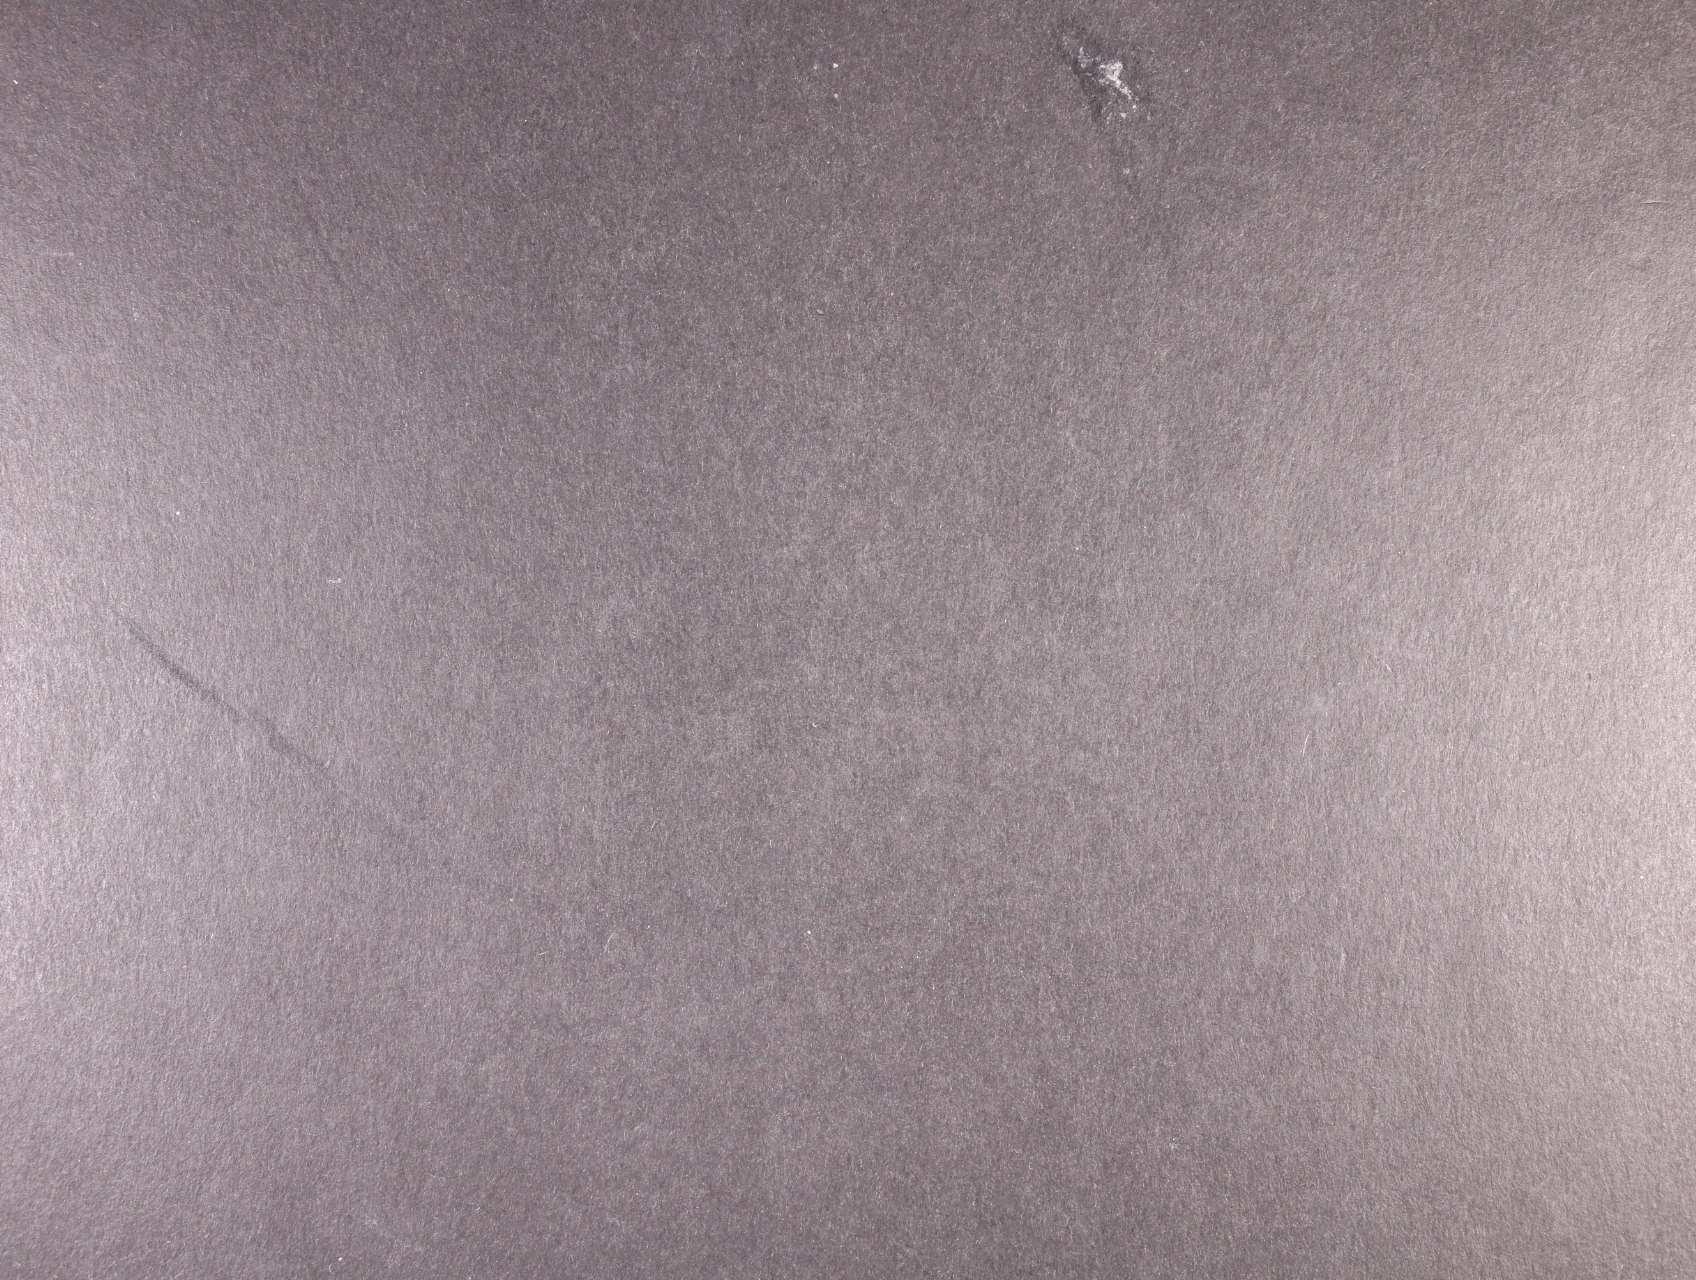 Kypr - nekompl. sbírka zn. z let 1880 - 1938, převážně razítkované, 1939 - 2011 svěží, obsahuje mj. zn. Mi. č. 129 - 32, 179 - 93, obojí svěží, vše na listech SCHAUBEK ve dvojích pér. deskách + dublety v zásobníku (nepočítáno), 2260 EUR, navíc zasklené listy KA-BE 1989 - 97 v červených kroužkových deskách